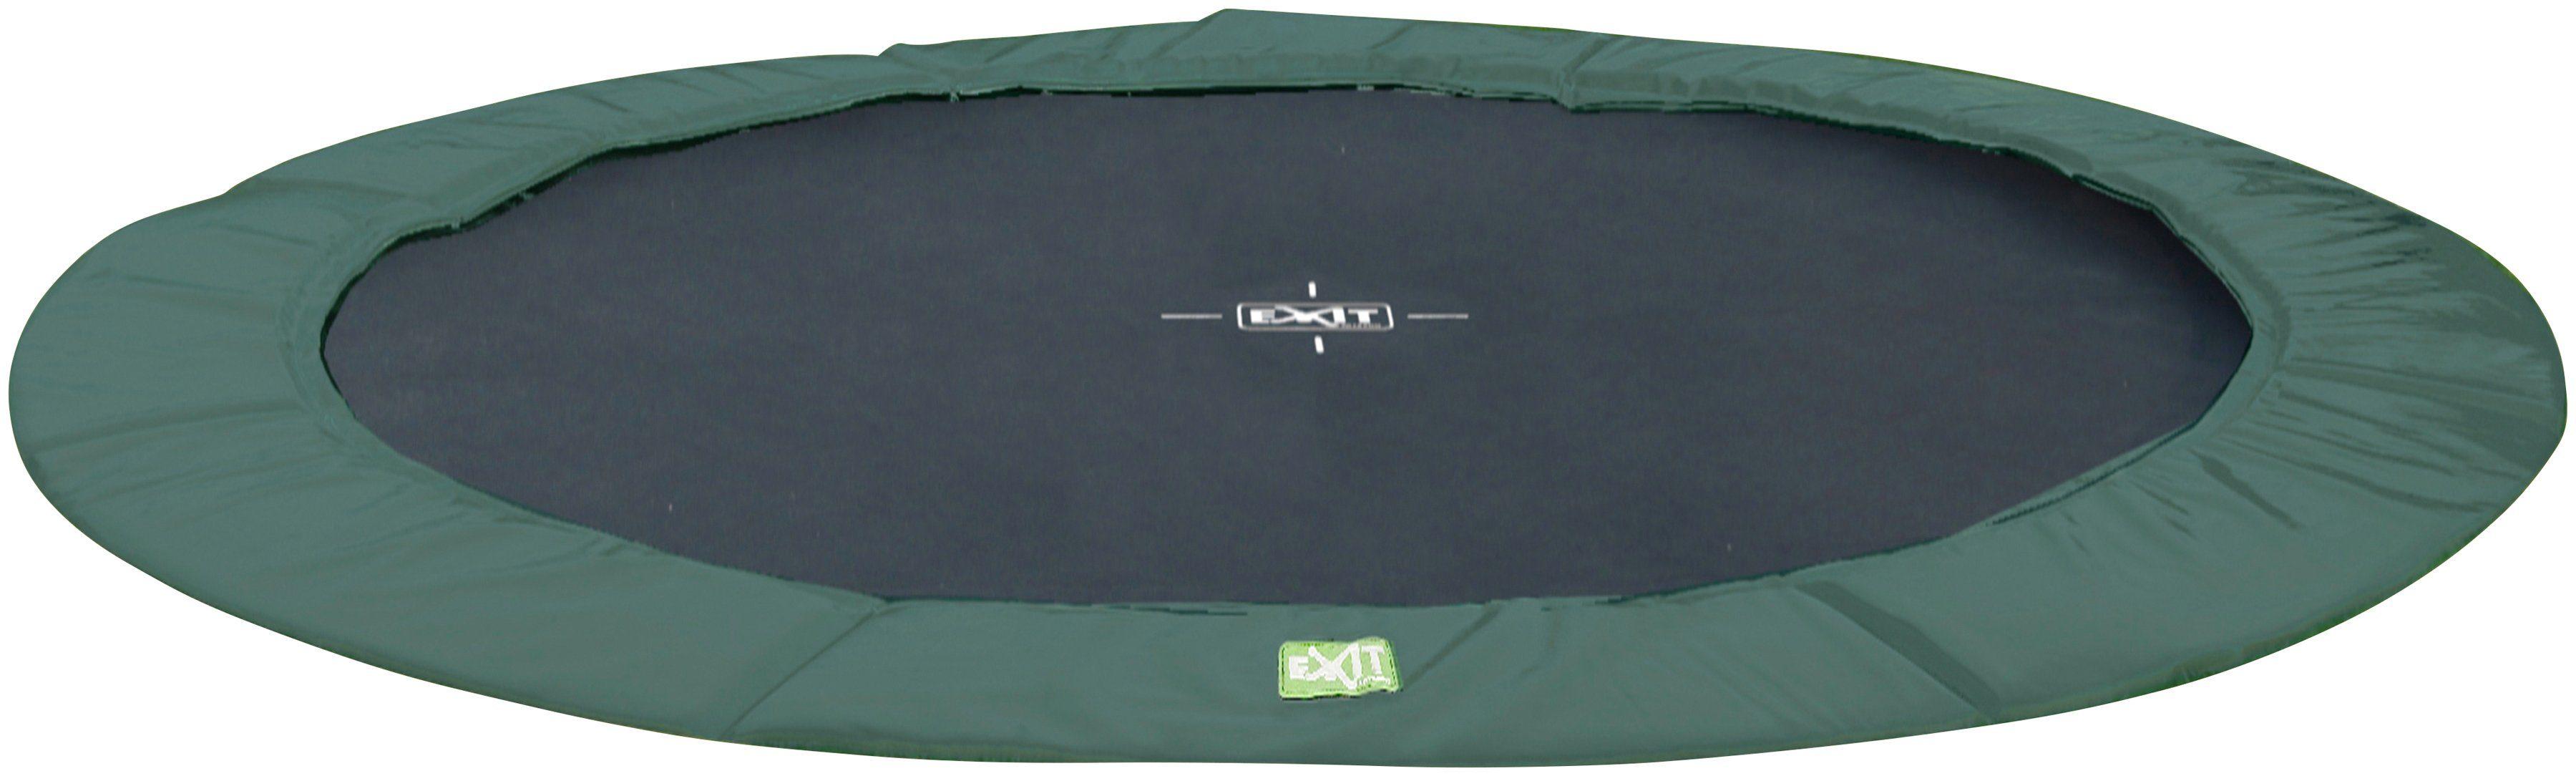 EXIT Trampolin »InTerra Ground«, Ø 305 cm, grün